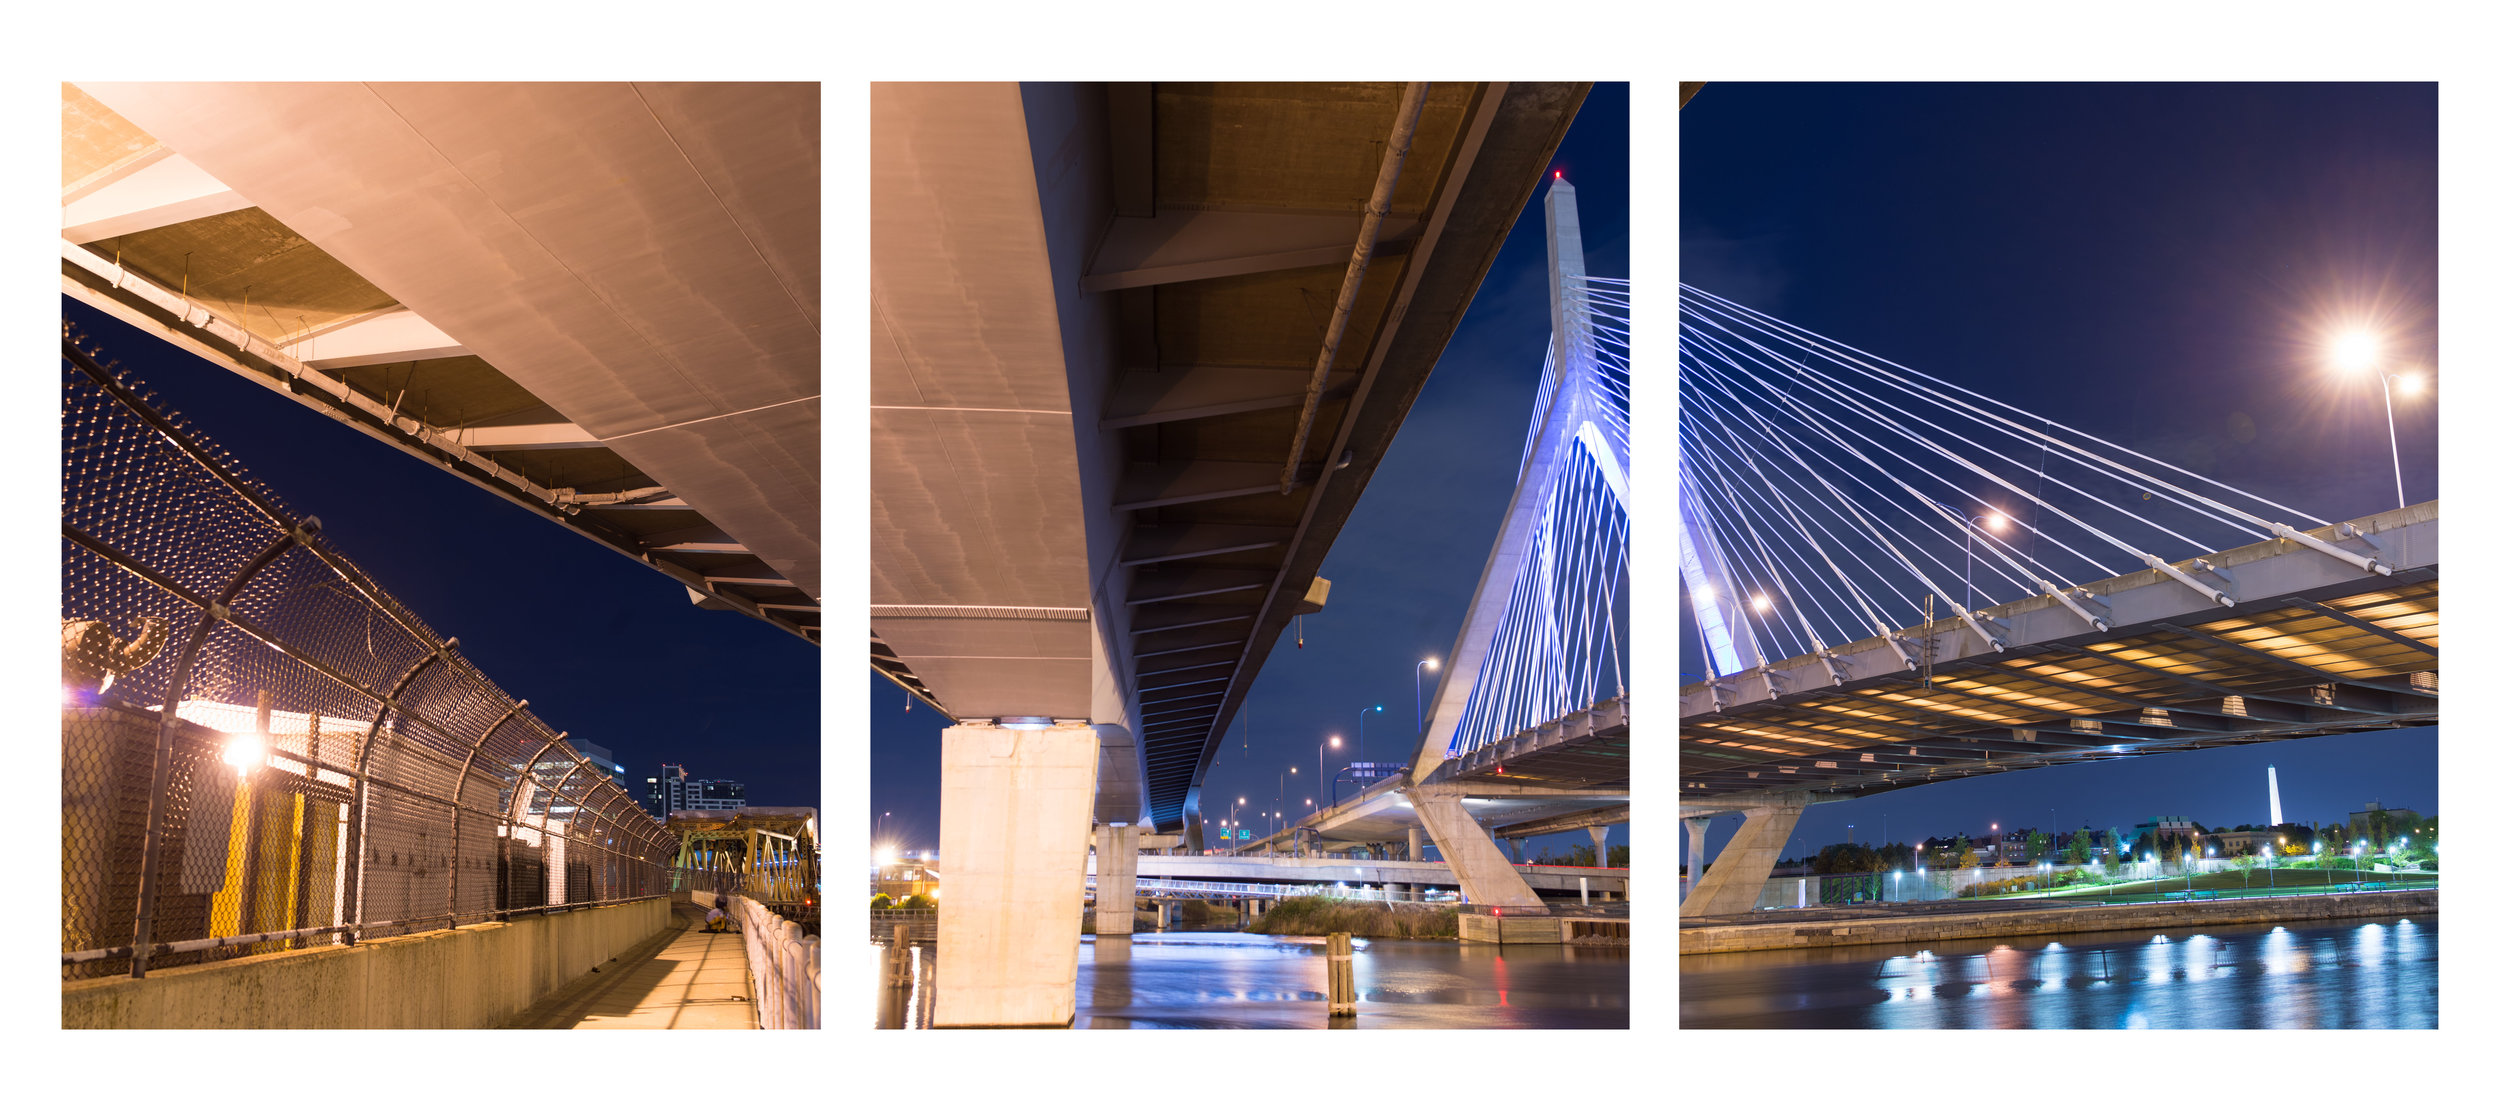 Boston MA, Zakim Bridge